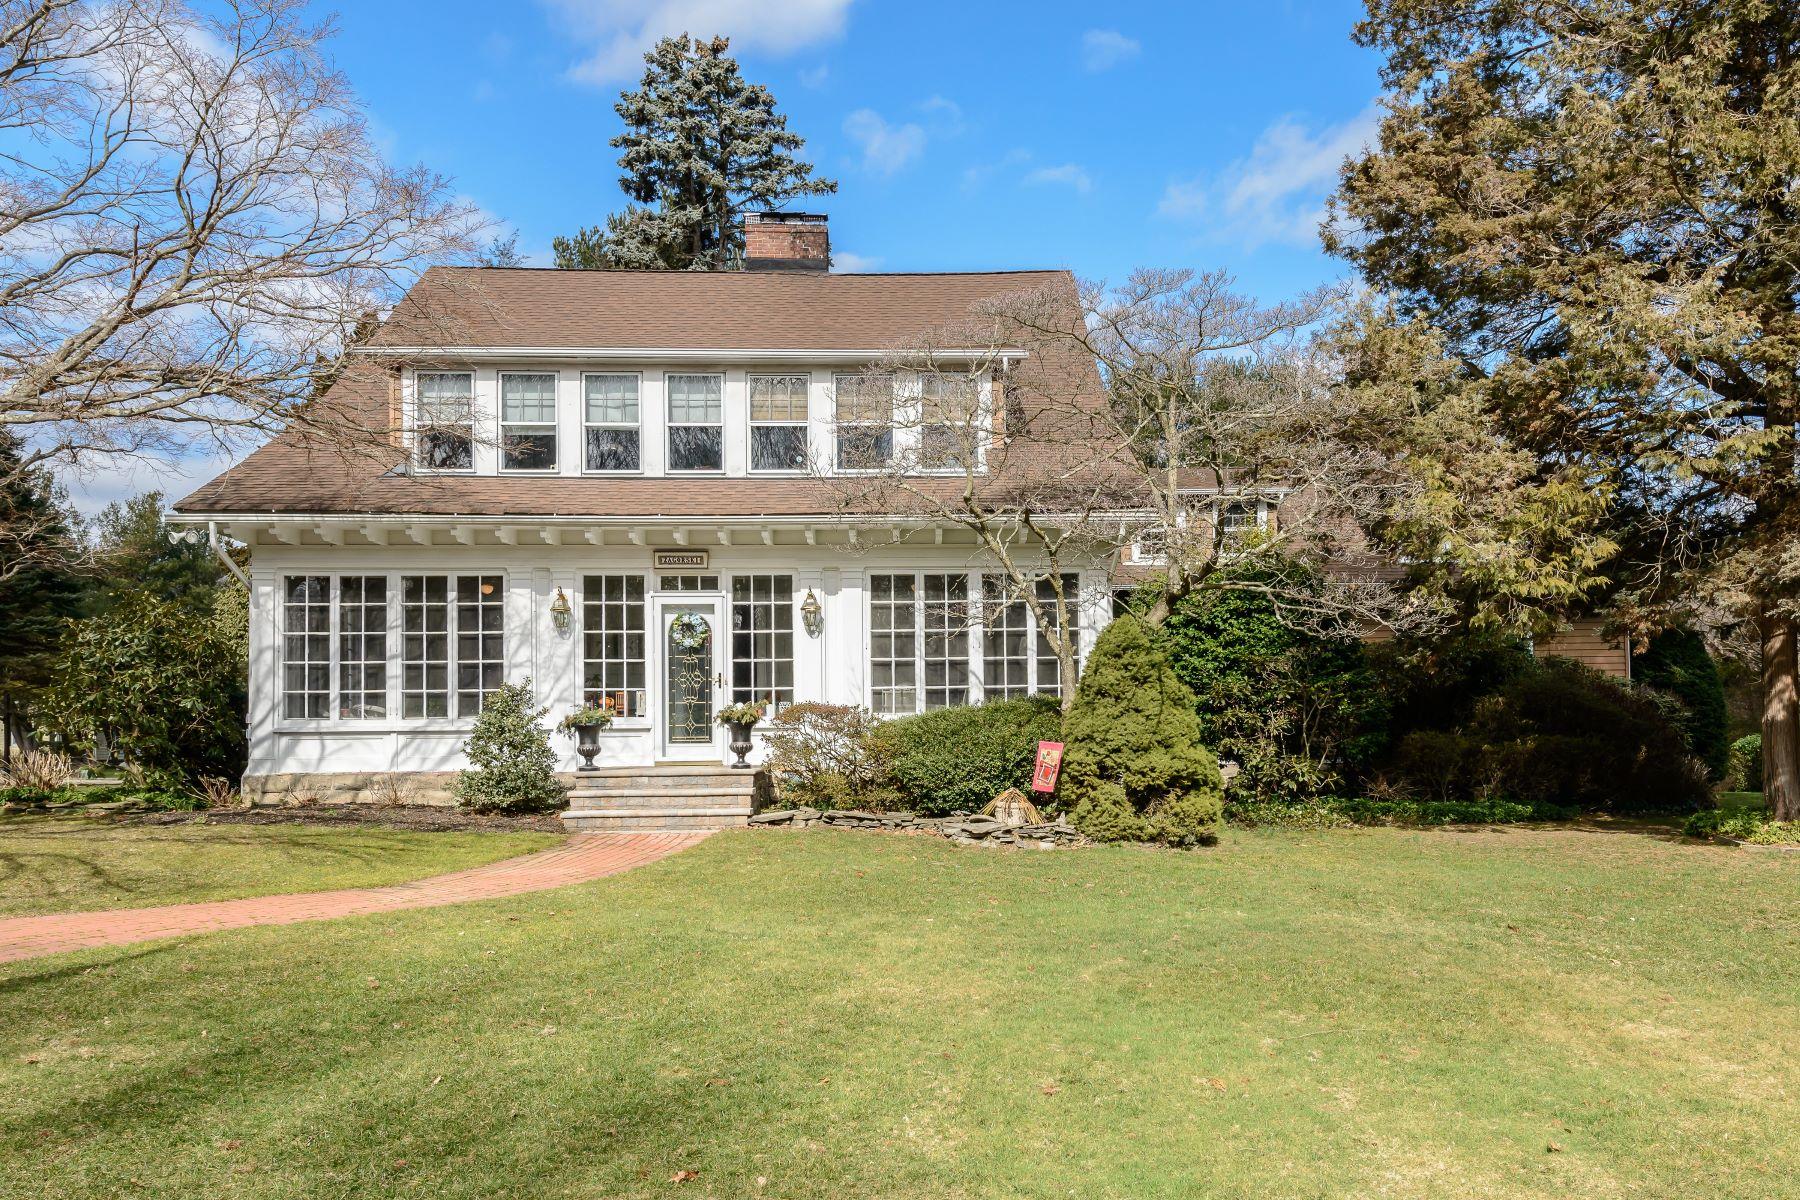 Maison unifamiliale pour l à vendre à 3 Pebble Hill Dr , Northport, NY 11768 3 Pebble Hill Dr, Northport, New York, 11768 États-Unis